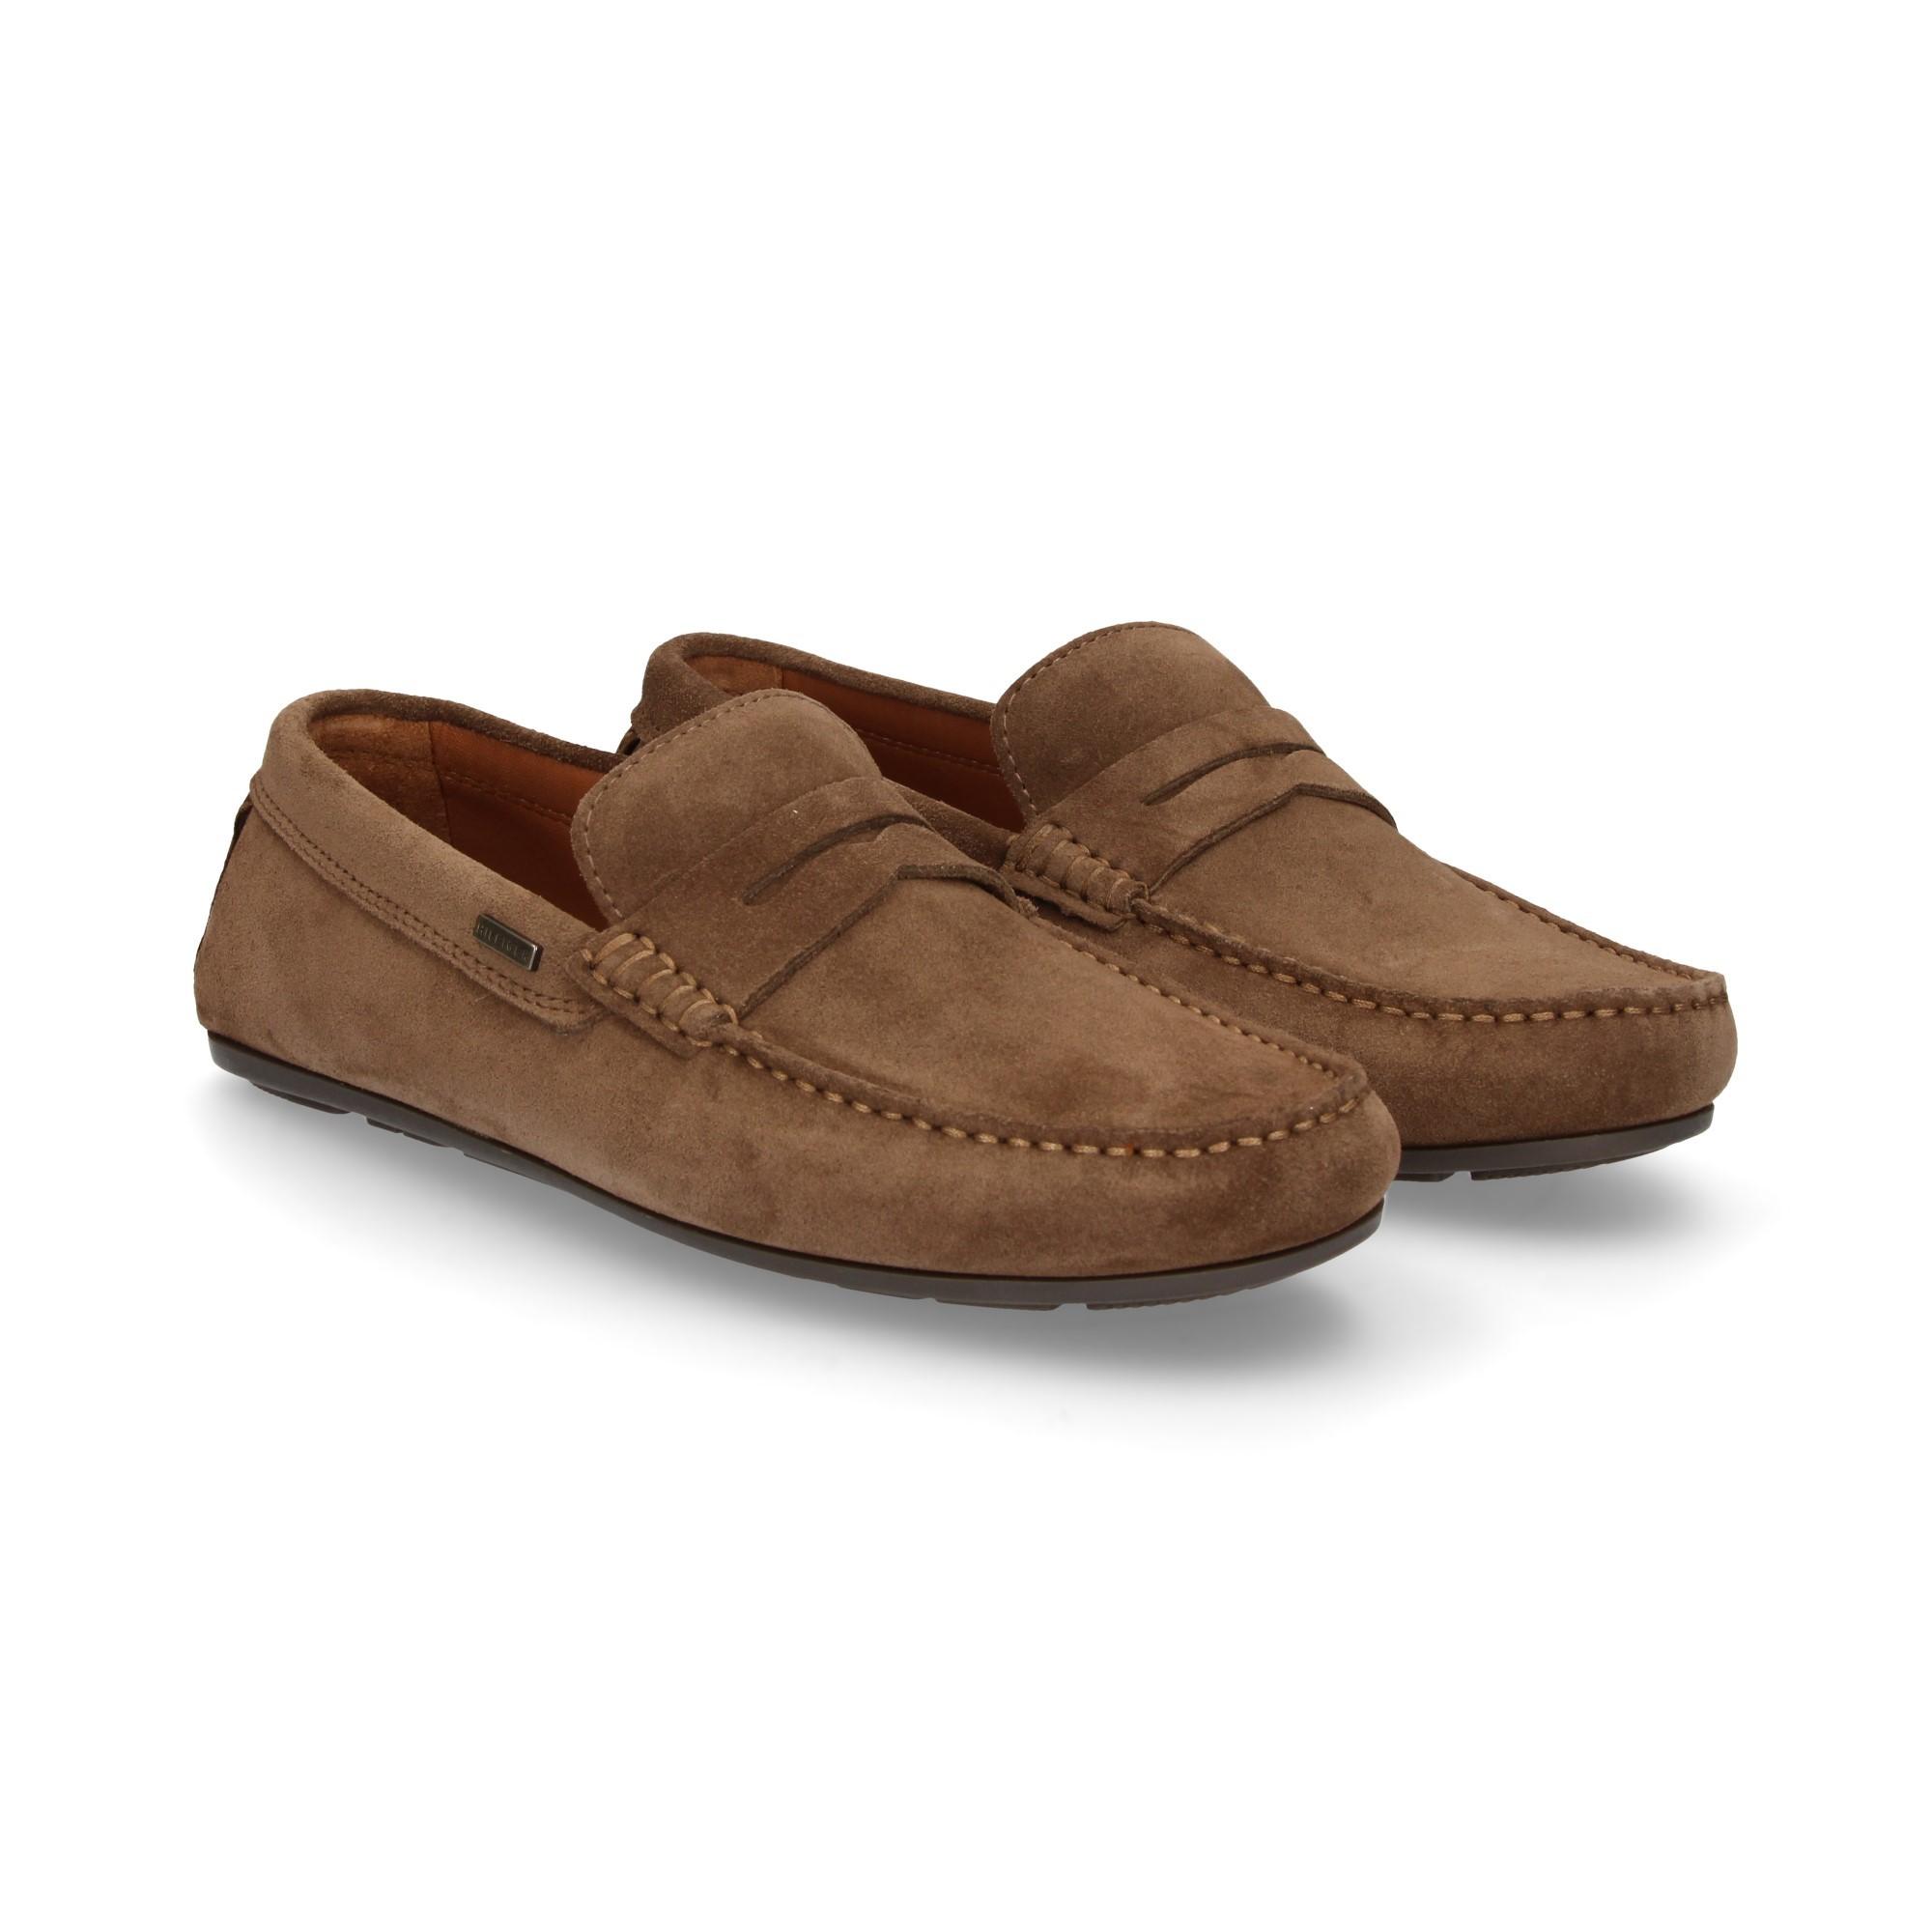 ba98e322b60b9 TOMMY HILFIGER Men s loafers FM01168012 SHITAKE